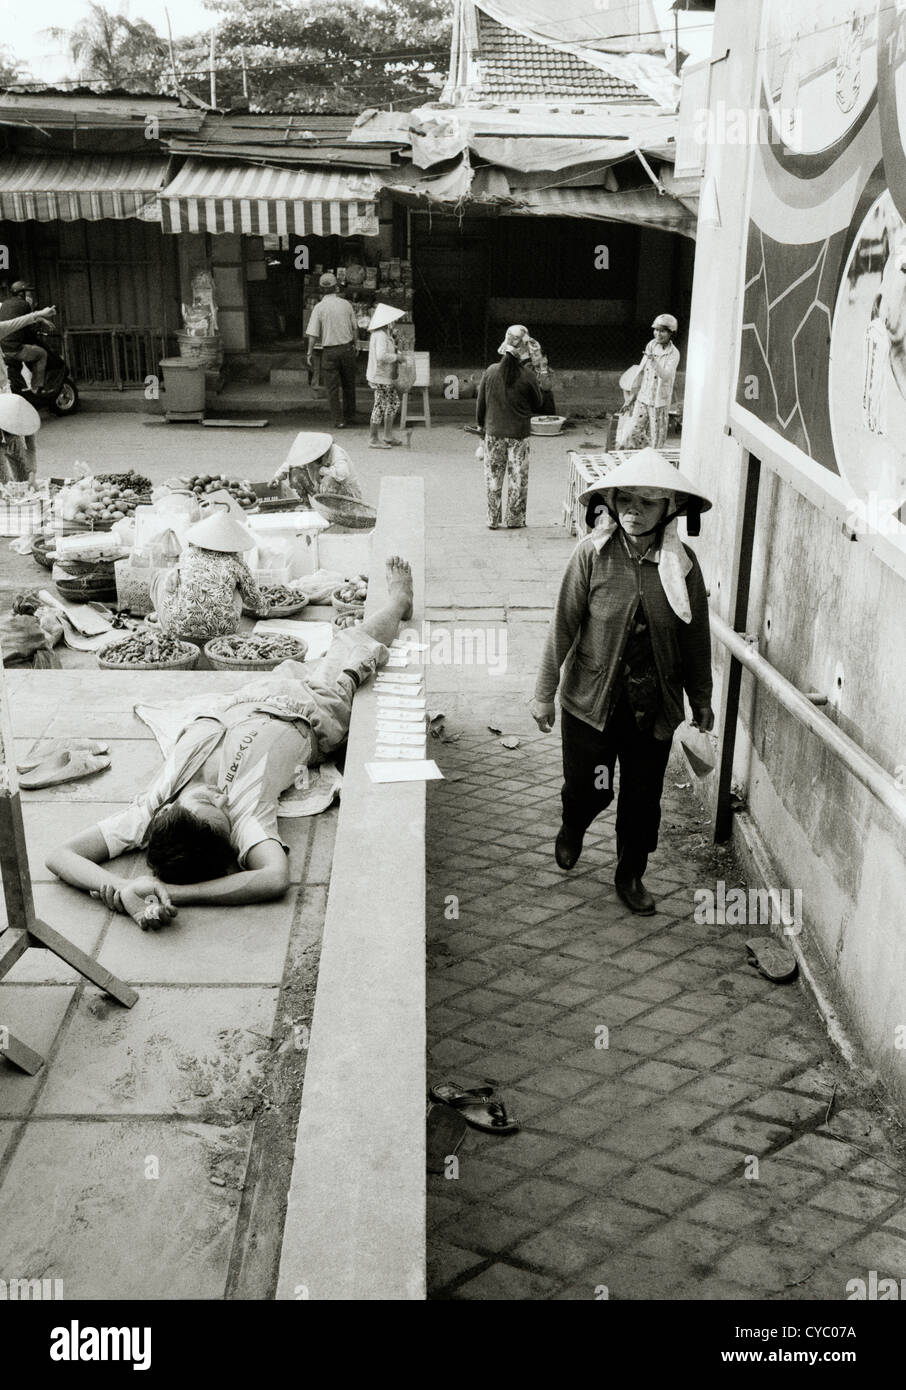 Fotografía de viajes - Escena en la calle de un hombre durmiendo en Hoi An en Vietnam en el Sureste de Asia, Imagen De Stock